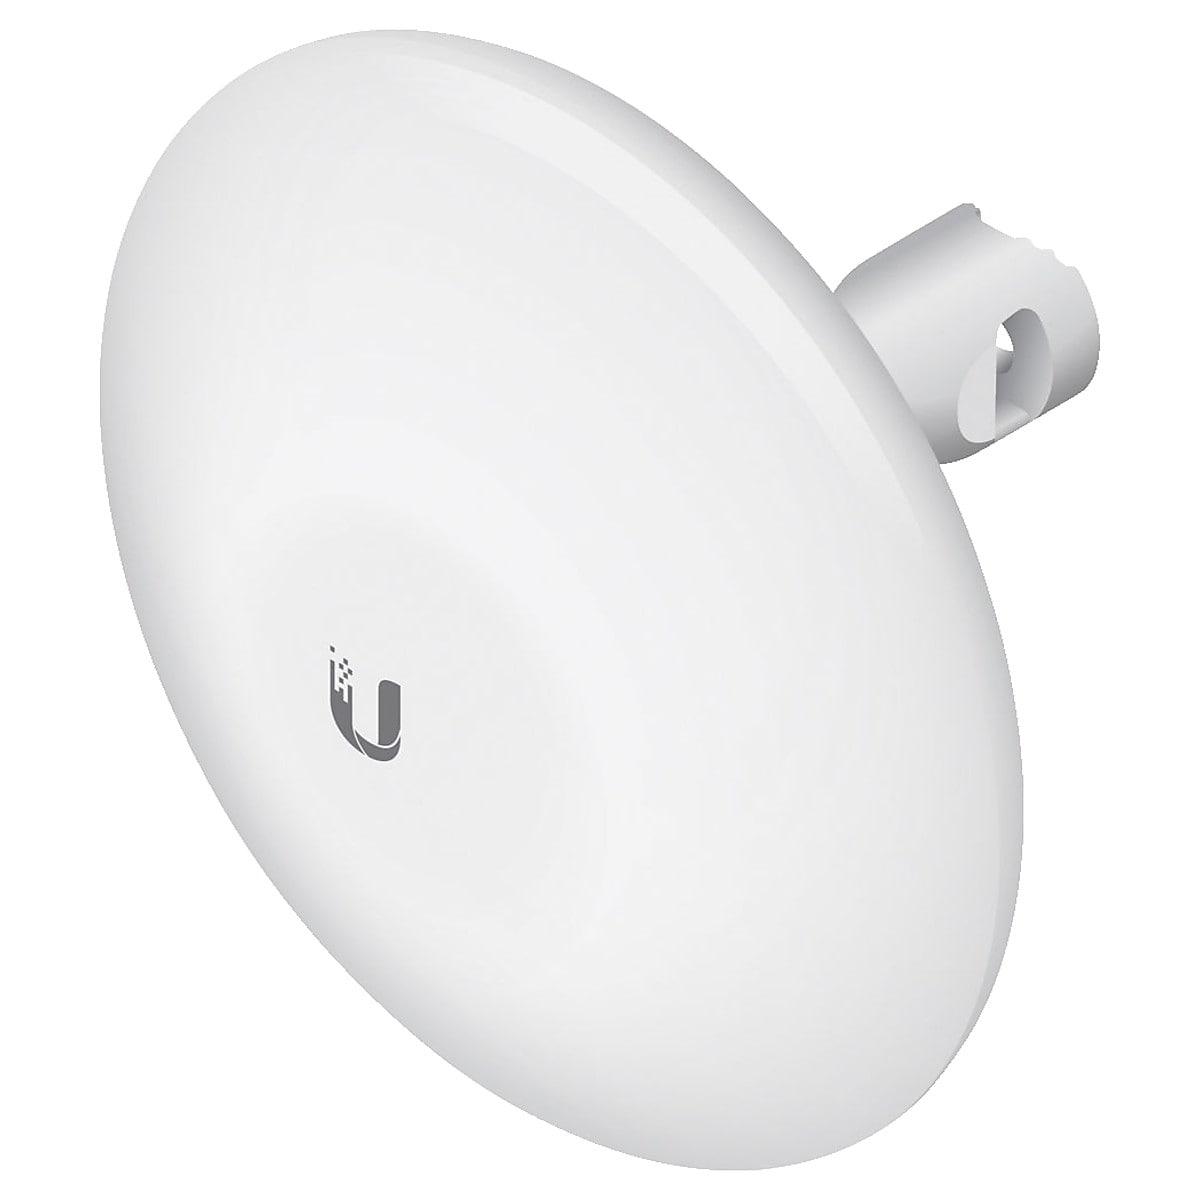 Accesspunkt N Ubiquiti NanoBeam M5-16